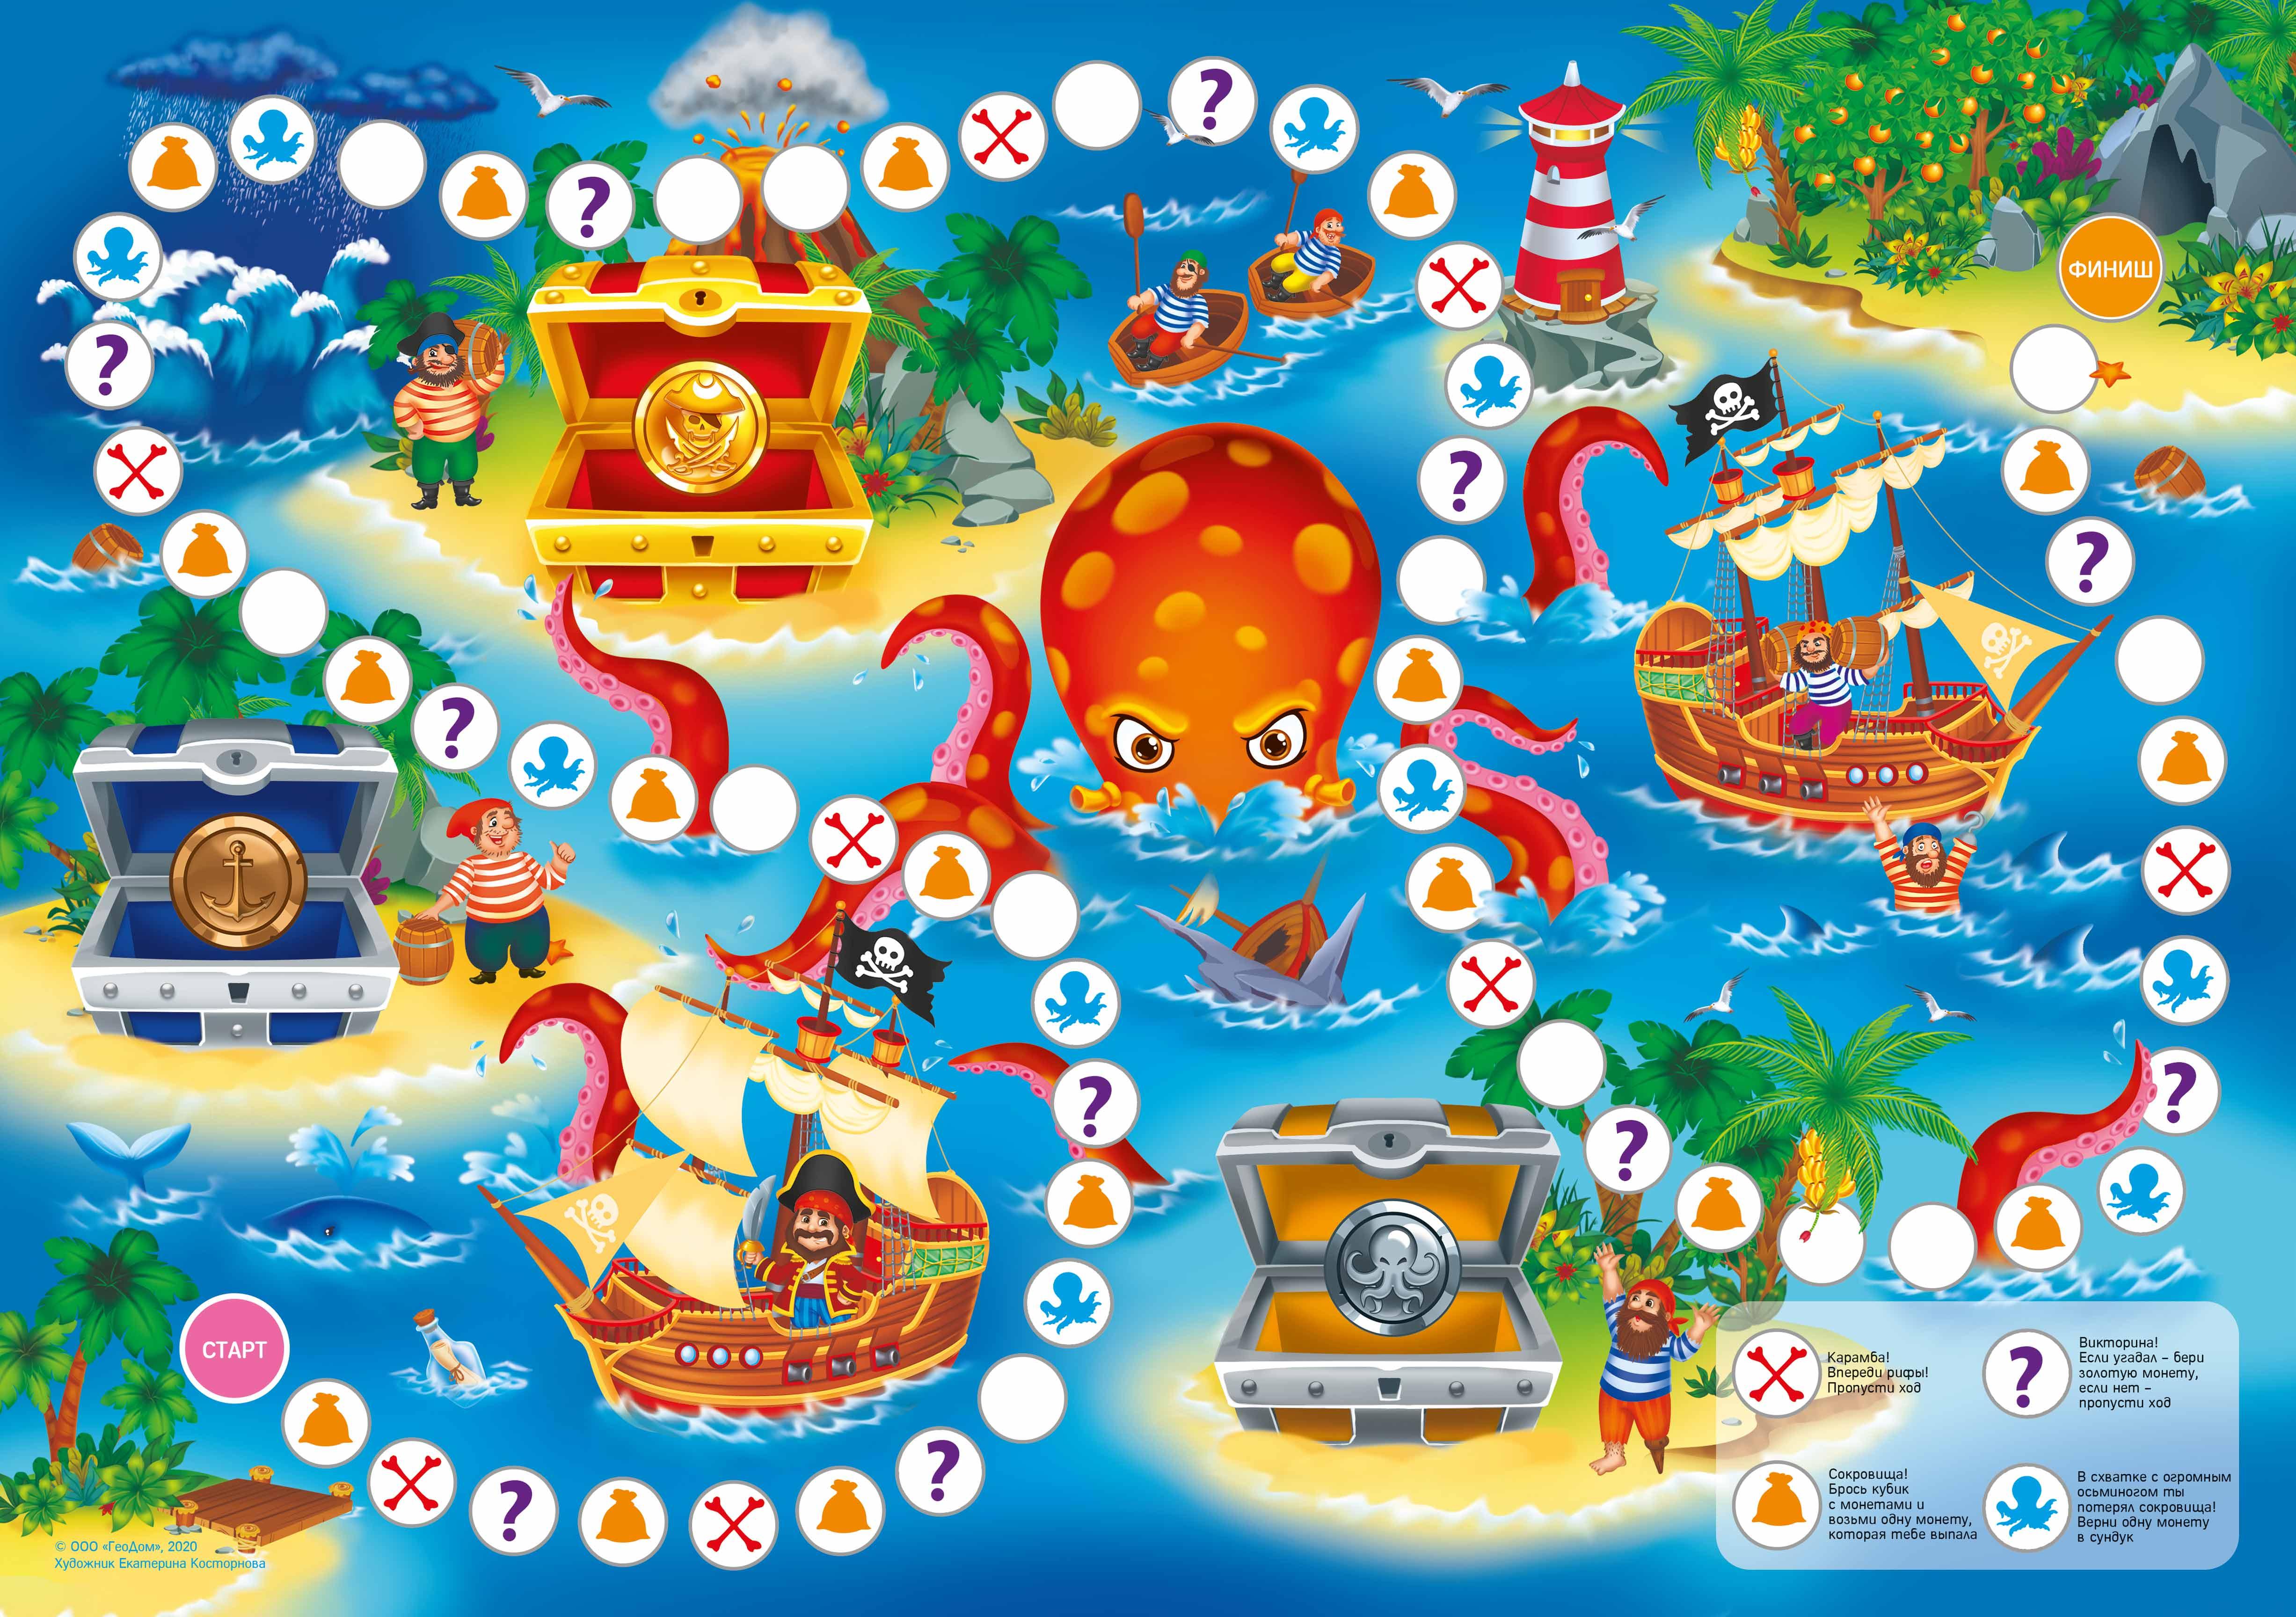 ГеоДом. Игра-ходилка с викториной. Золото пиратов. - Размер игрового поля: 42х29,5 см. Карточки с заданиями: 24 шт. Карточки с монетами: 42 шт. Игровые кубики: 2 шт. Фигурки: 4 шт.